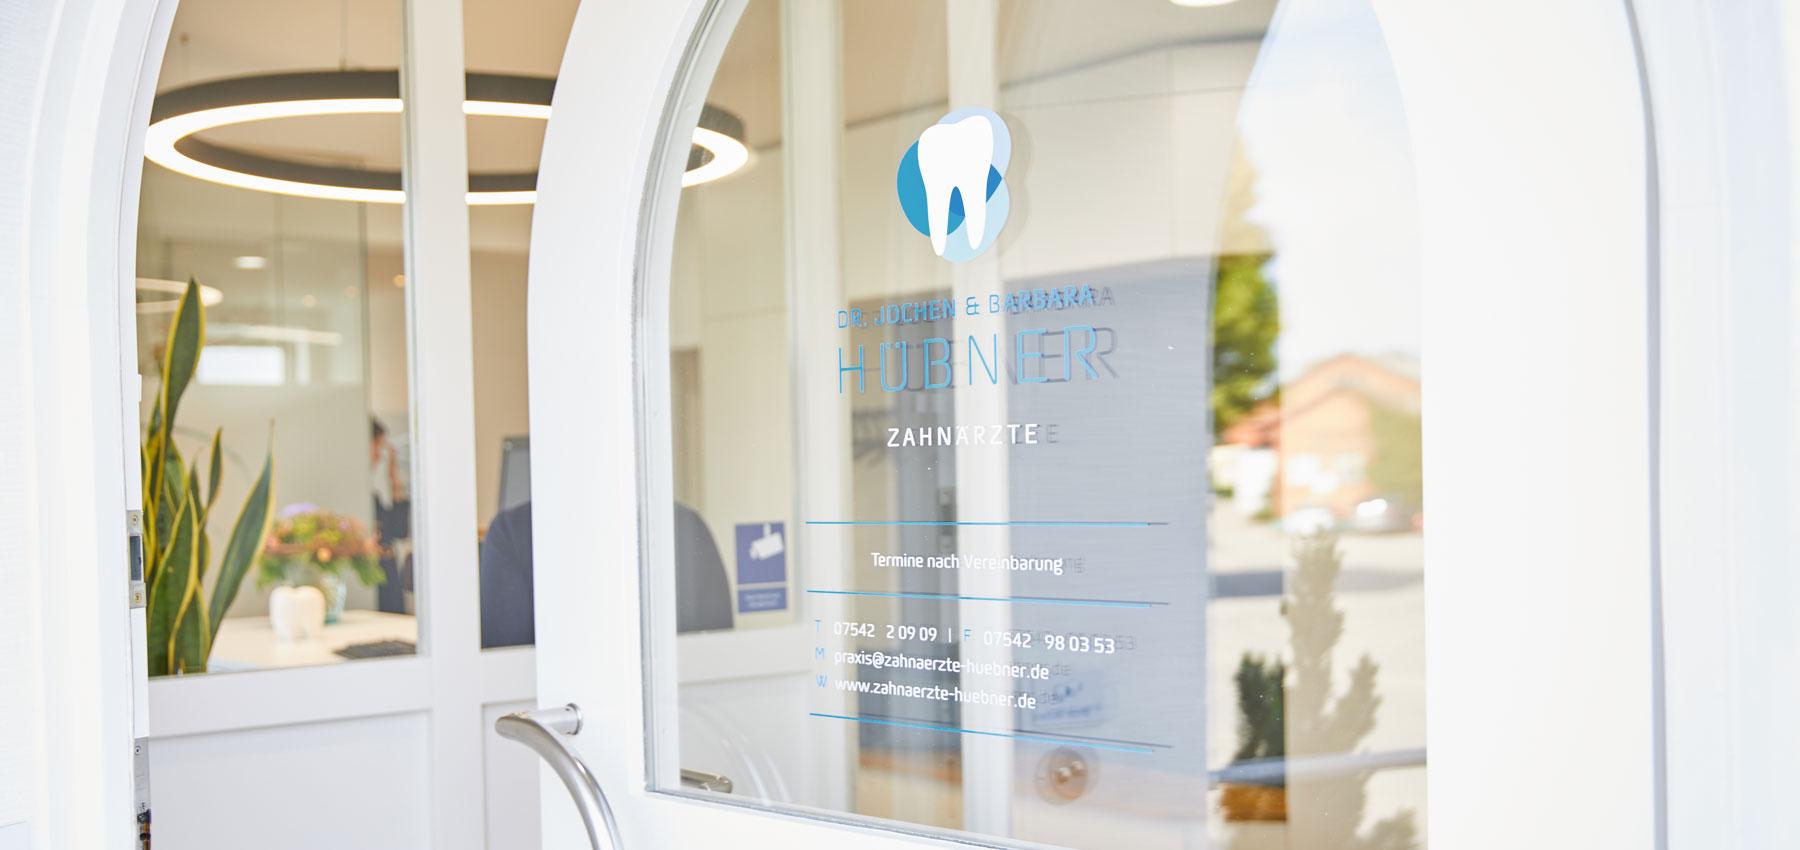 Zahnärzte Hübner – Meckenbeuren - Datenschutz 1